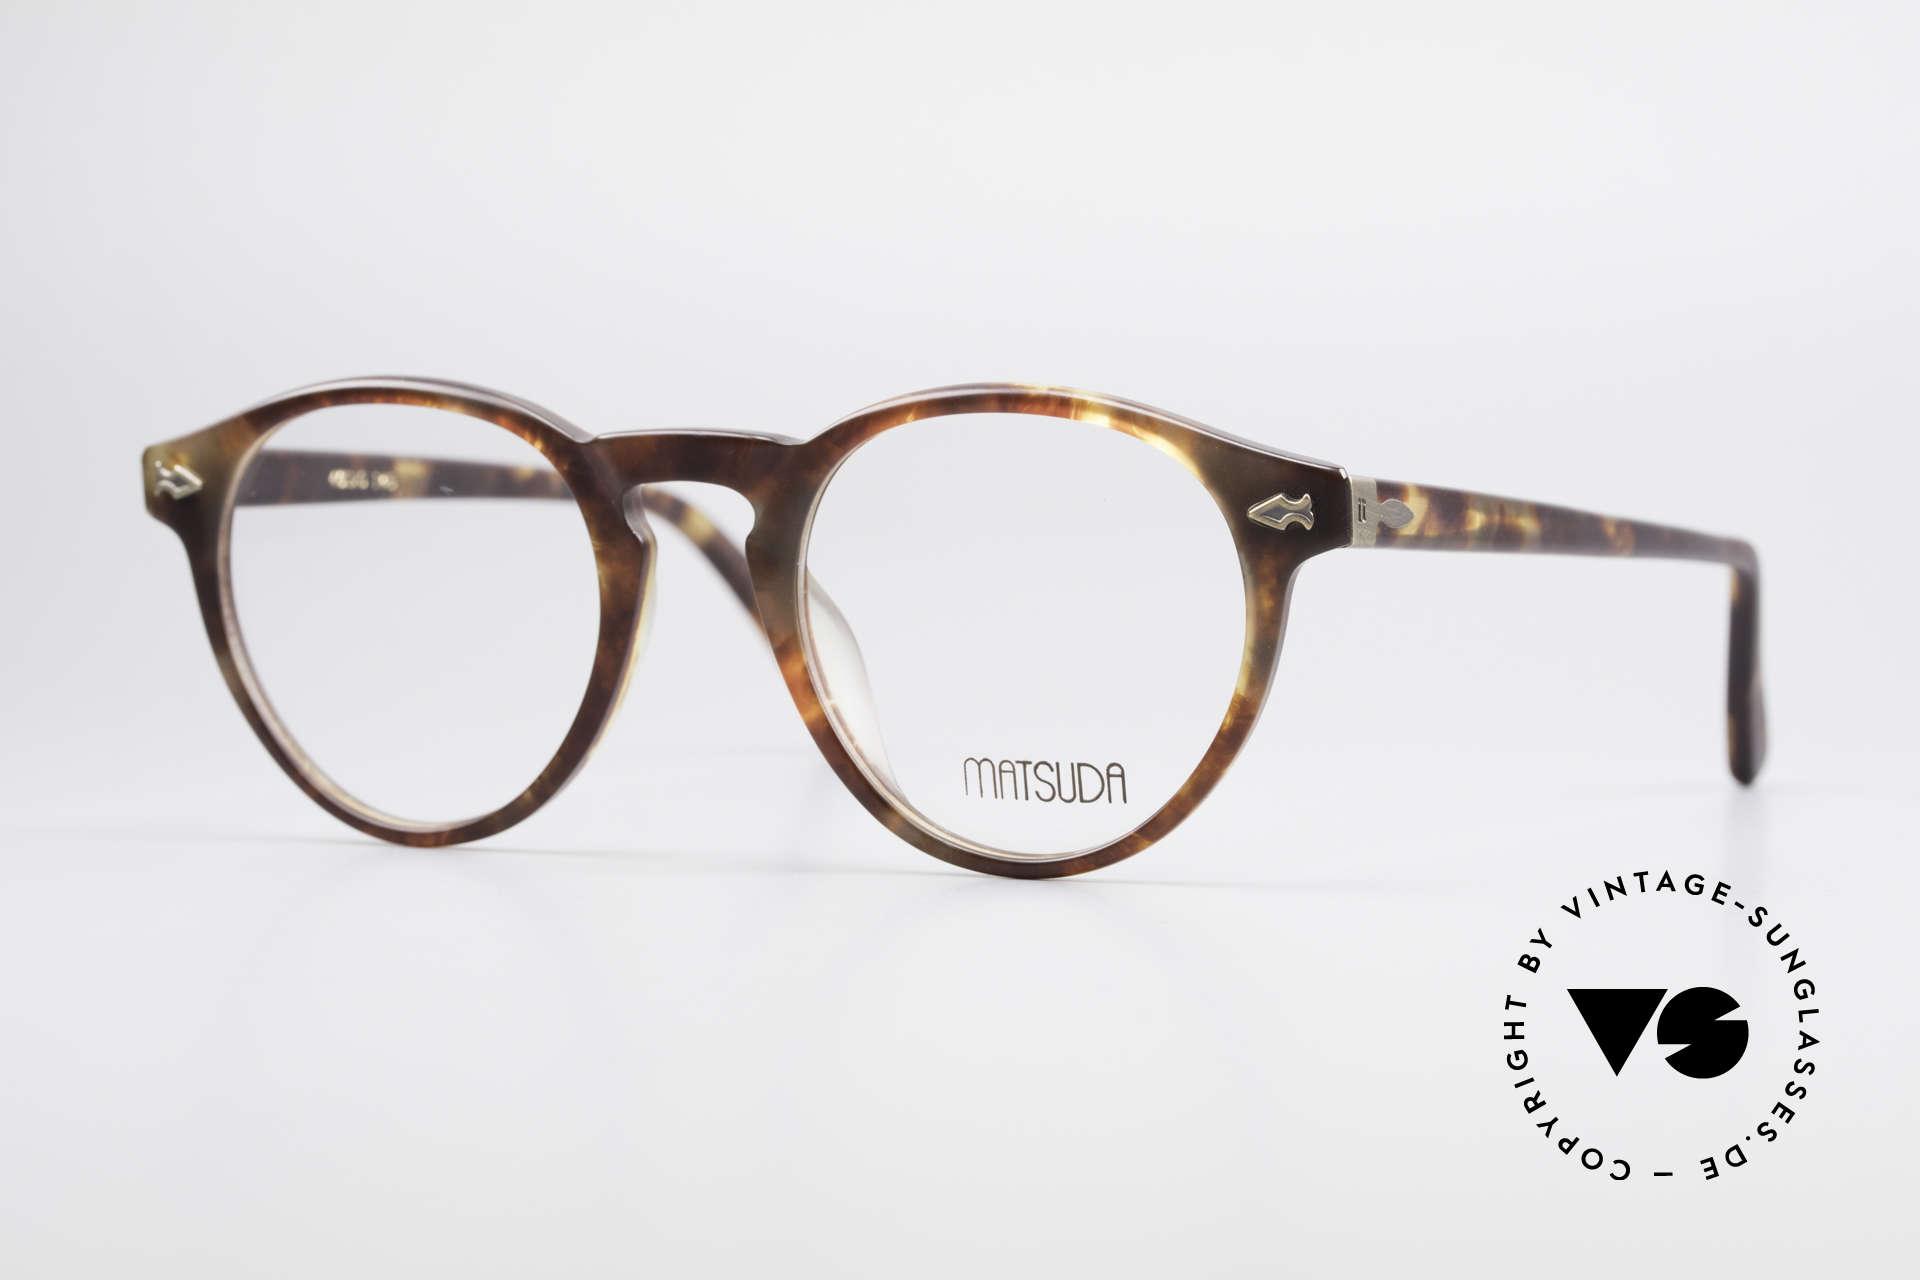 Matsuda 2303 Panto Vintage Designerbrille, vintage MATSUDA Brillenfassung aus den 1990ern, Passend für Herren und Damen